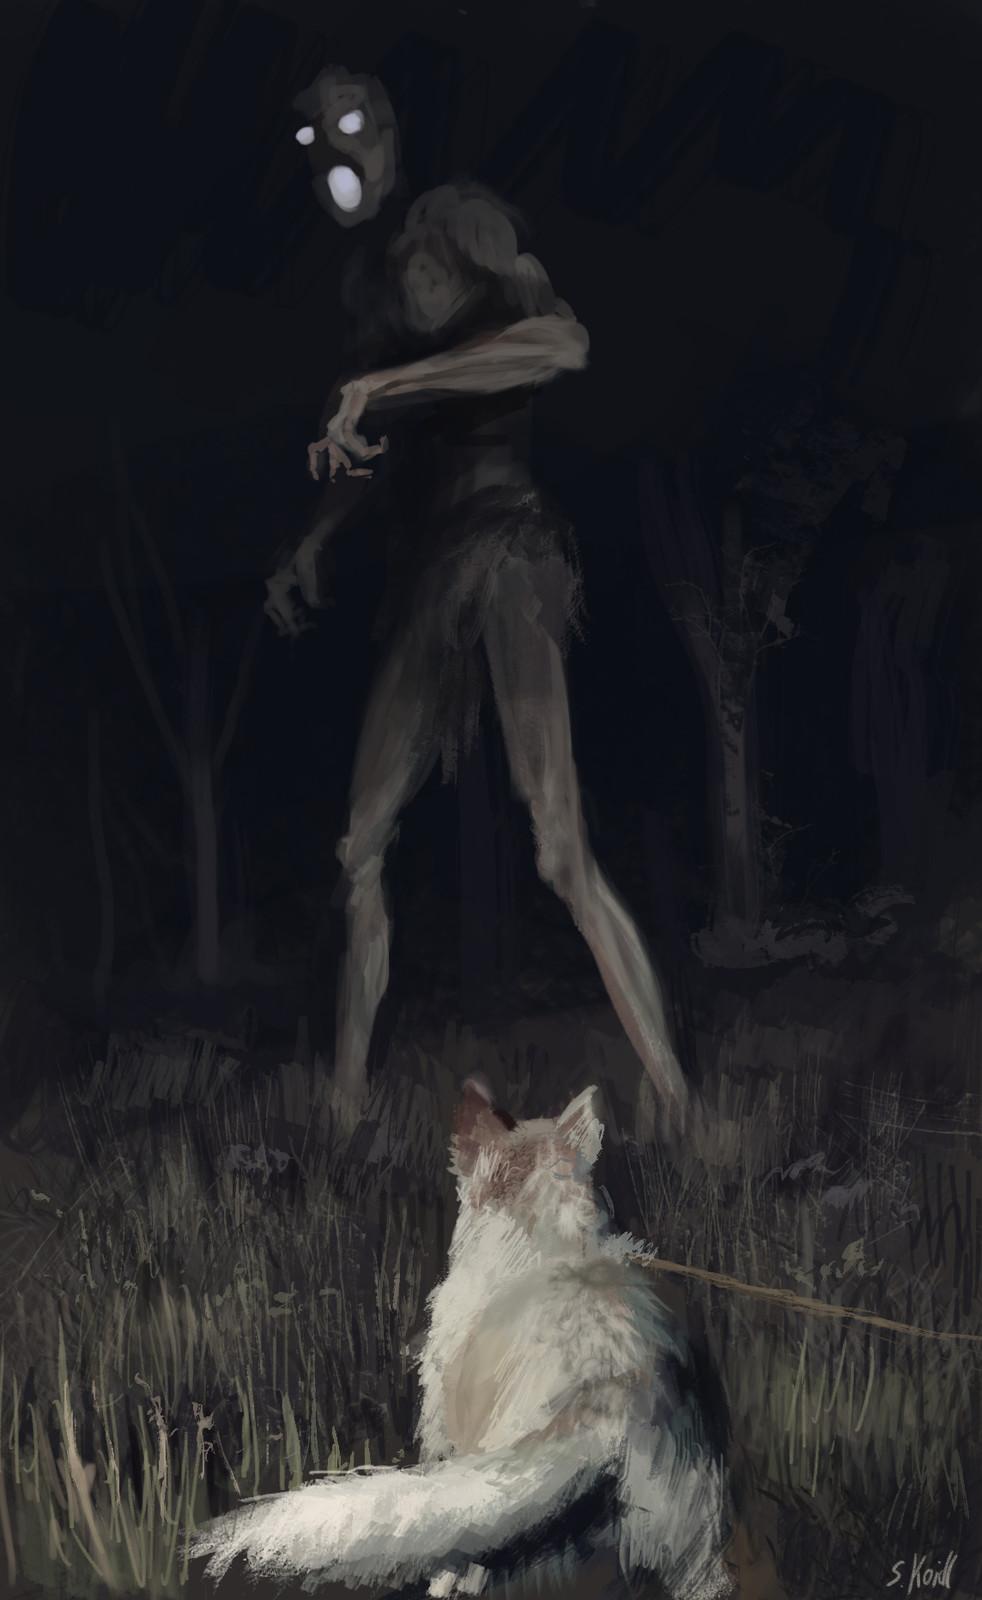 Late at night the dark things wake